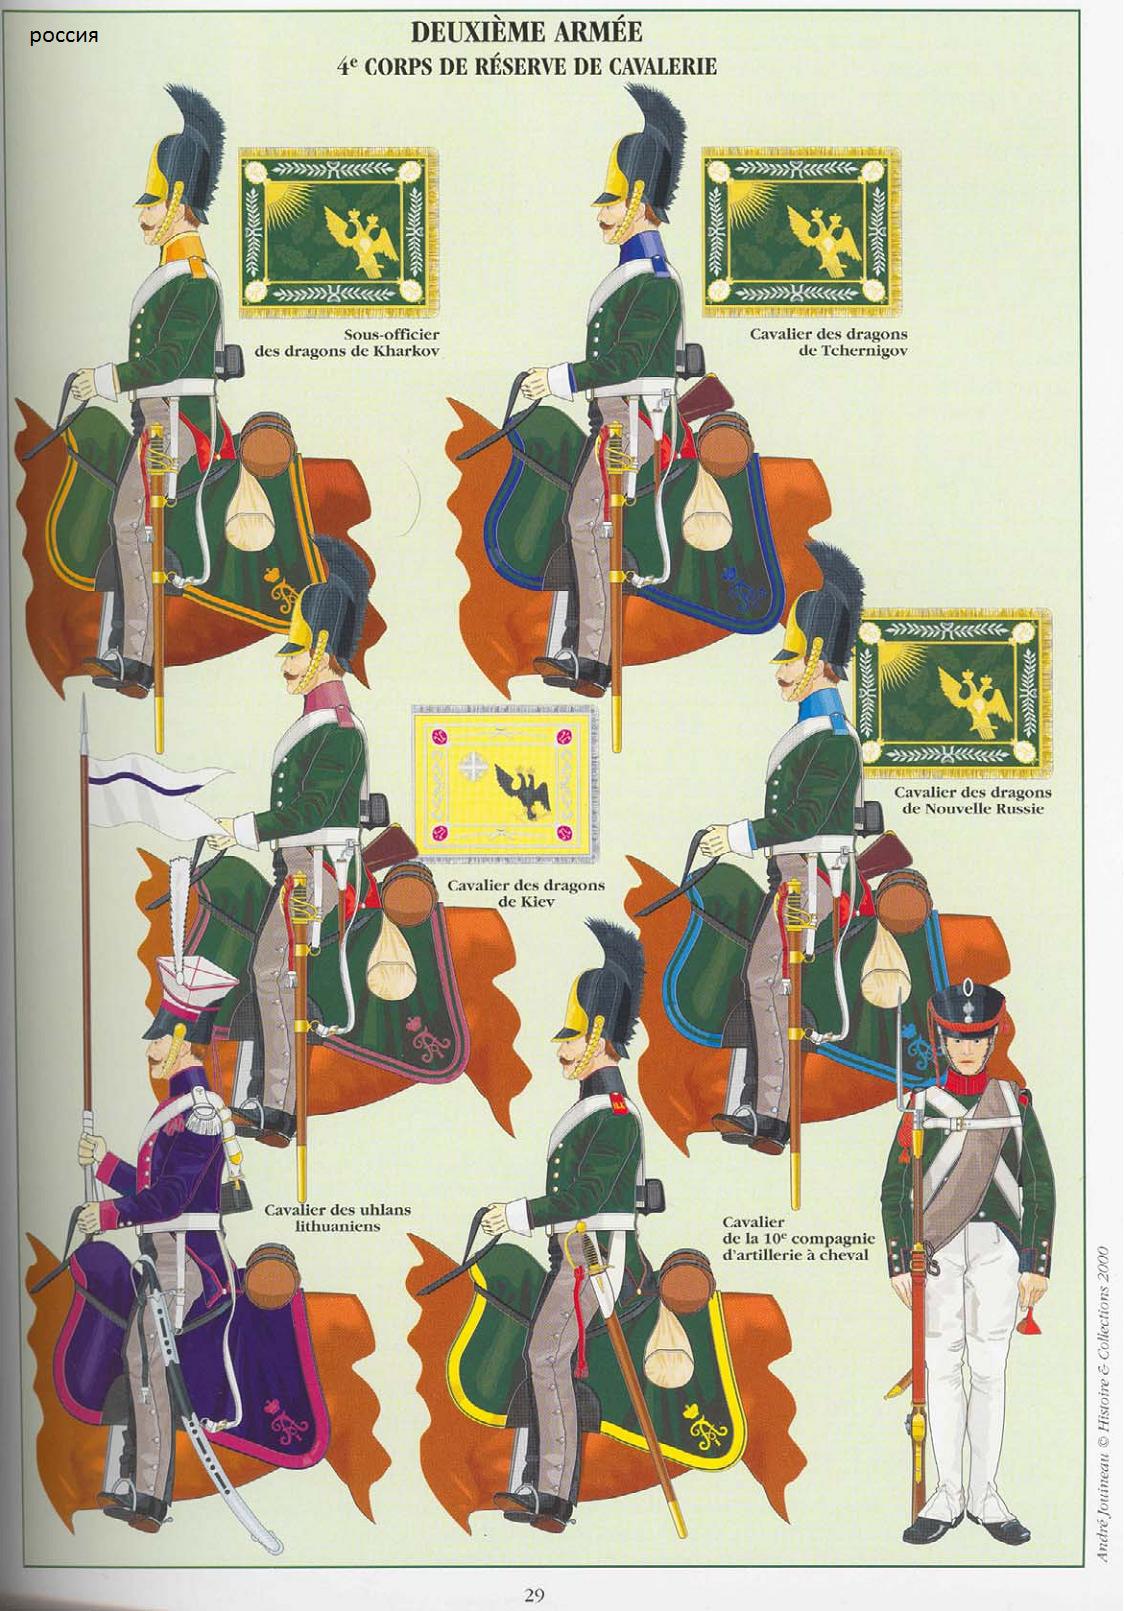 Dragoni, tartari lituani e artiglieri del 4/2 armata russa